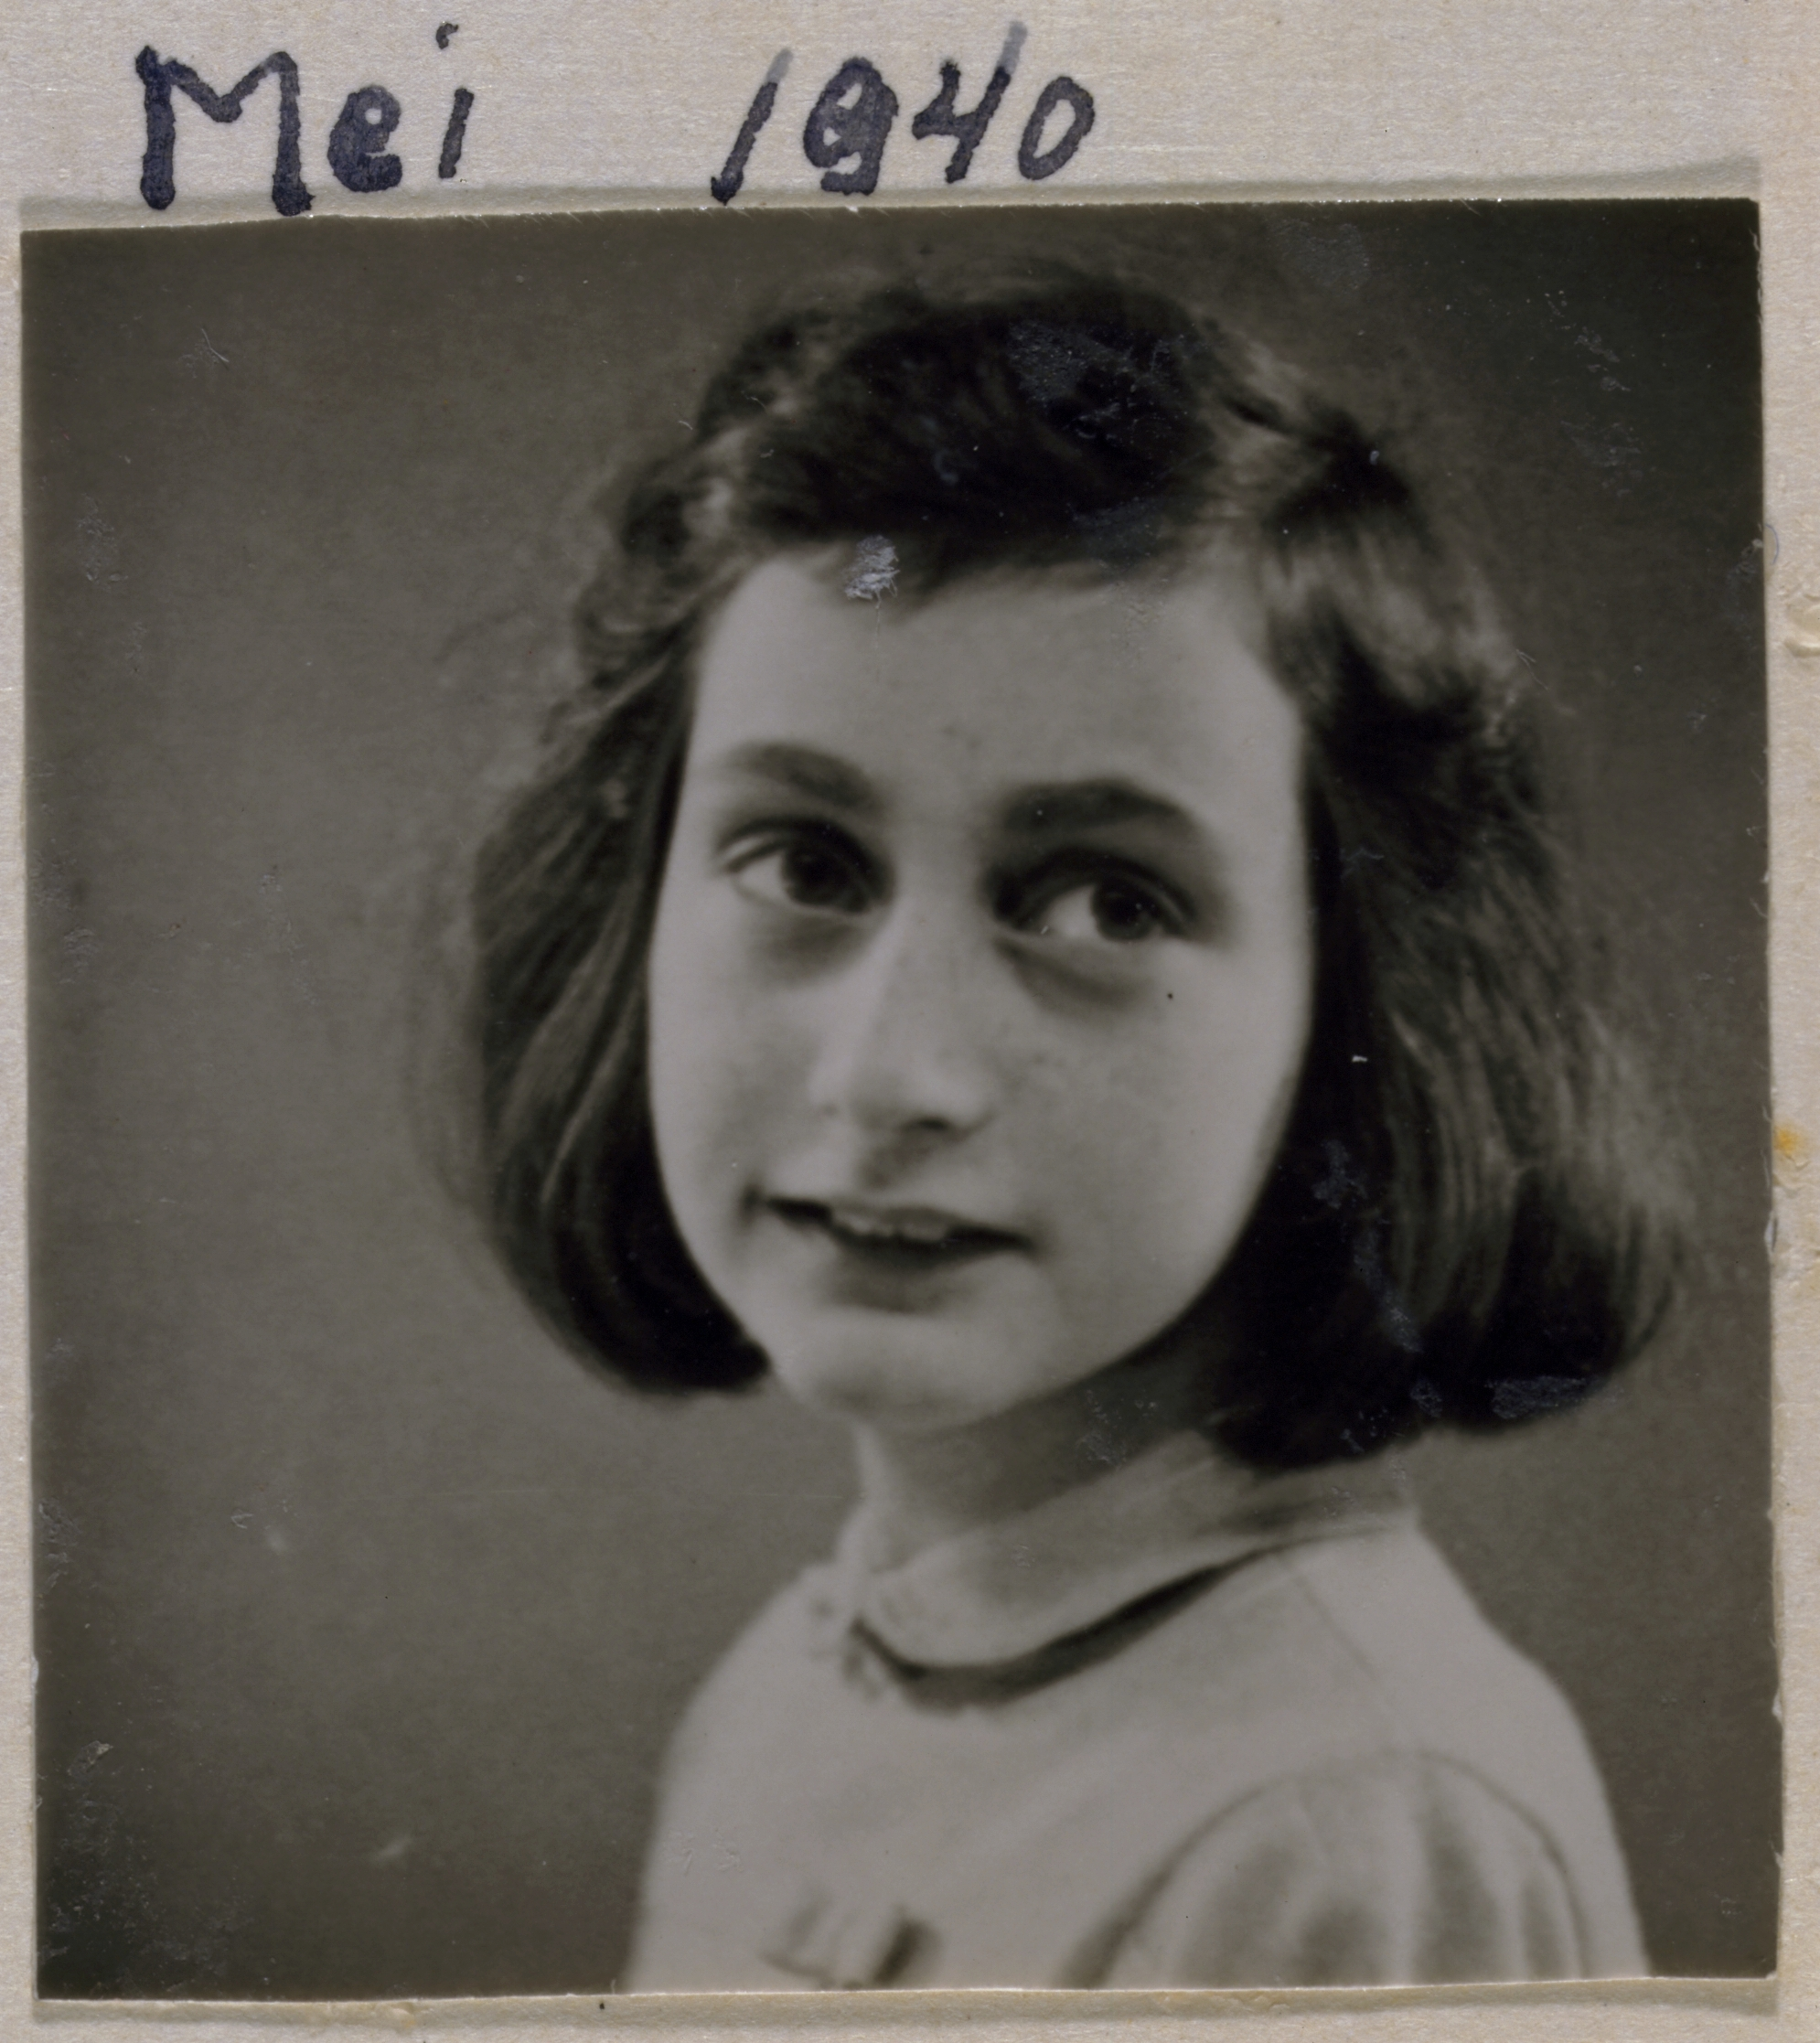 Anne_Mei 1940.jpg